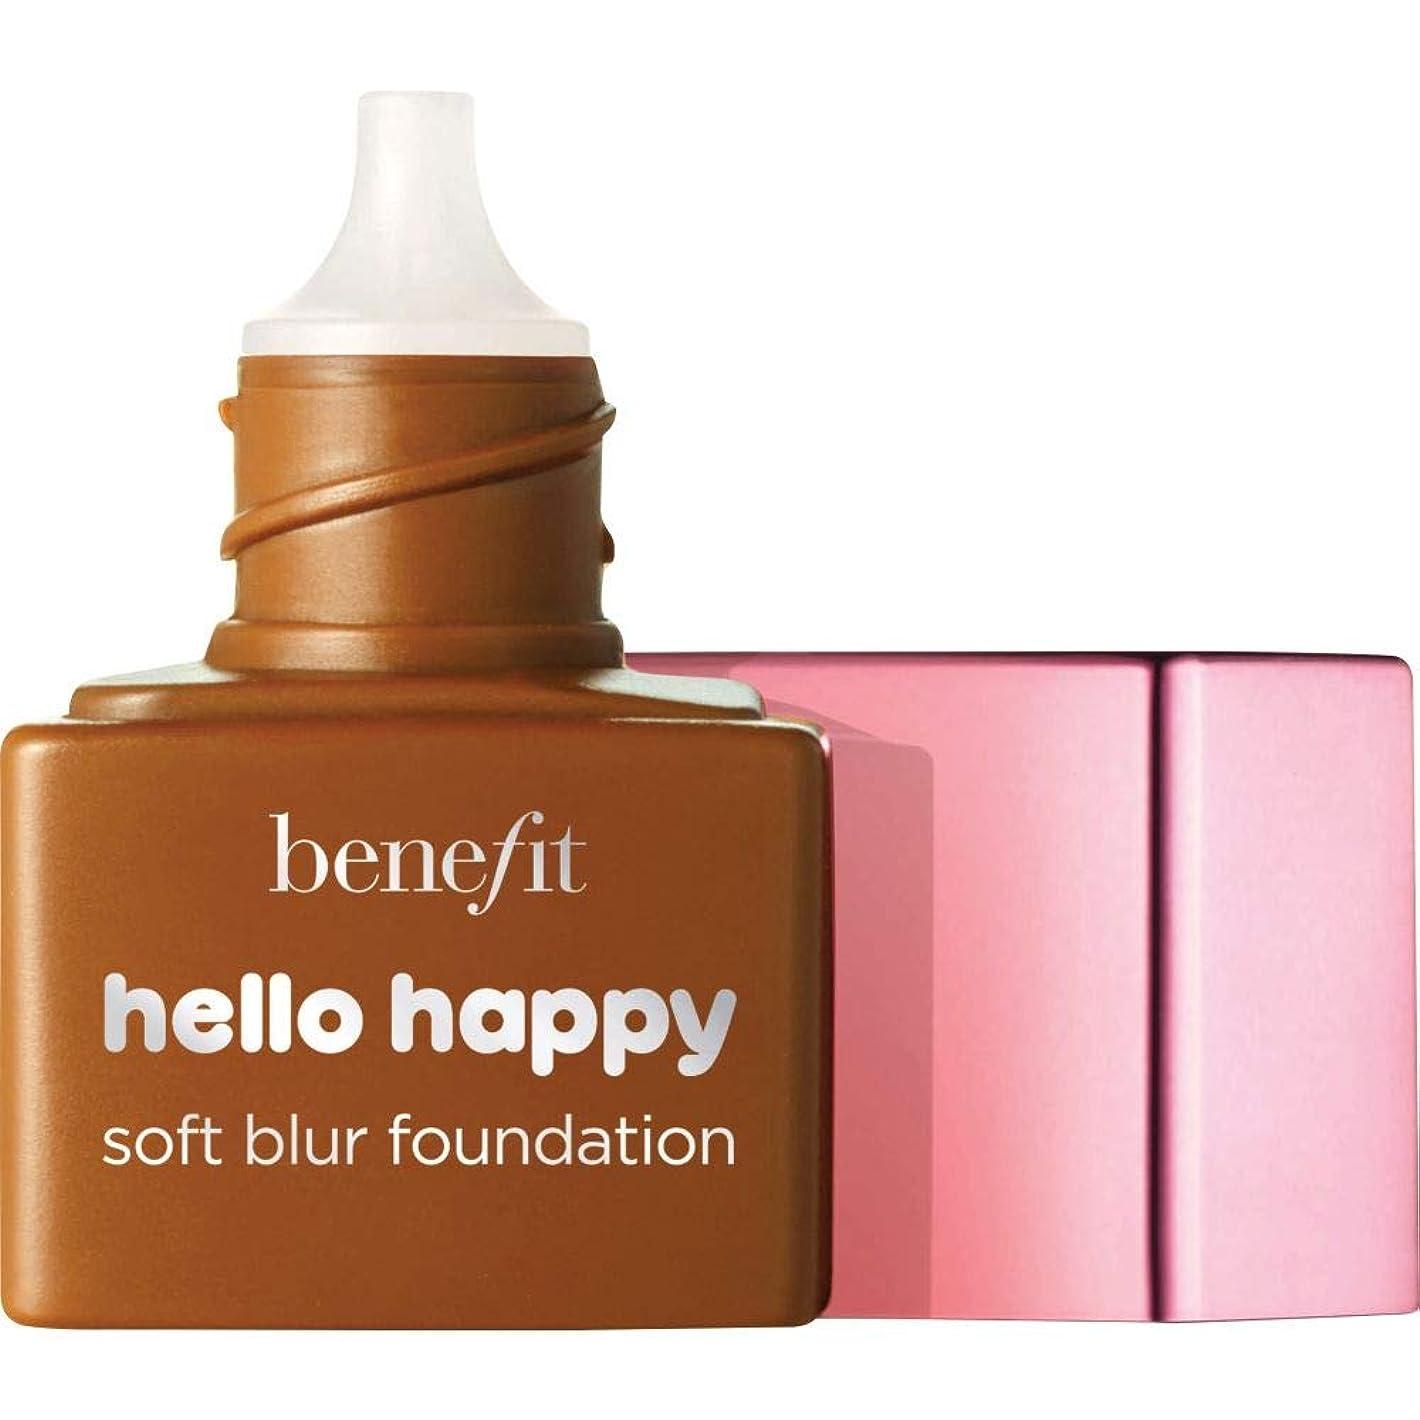 効果オークランドいわゆる[Benefit ] ミニ9 - - ハロー幸せソフトブラー基礎Spf15の6ミリリットルの利益中立深いです - Benefit Hello Happy Soft Blur Foundation SPF15 6ml - Mini 9 - Deep Neutral [並行輸入品]